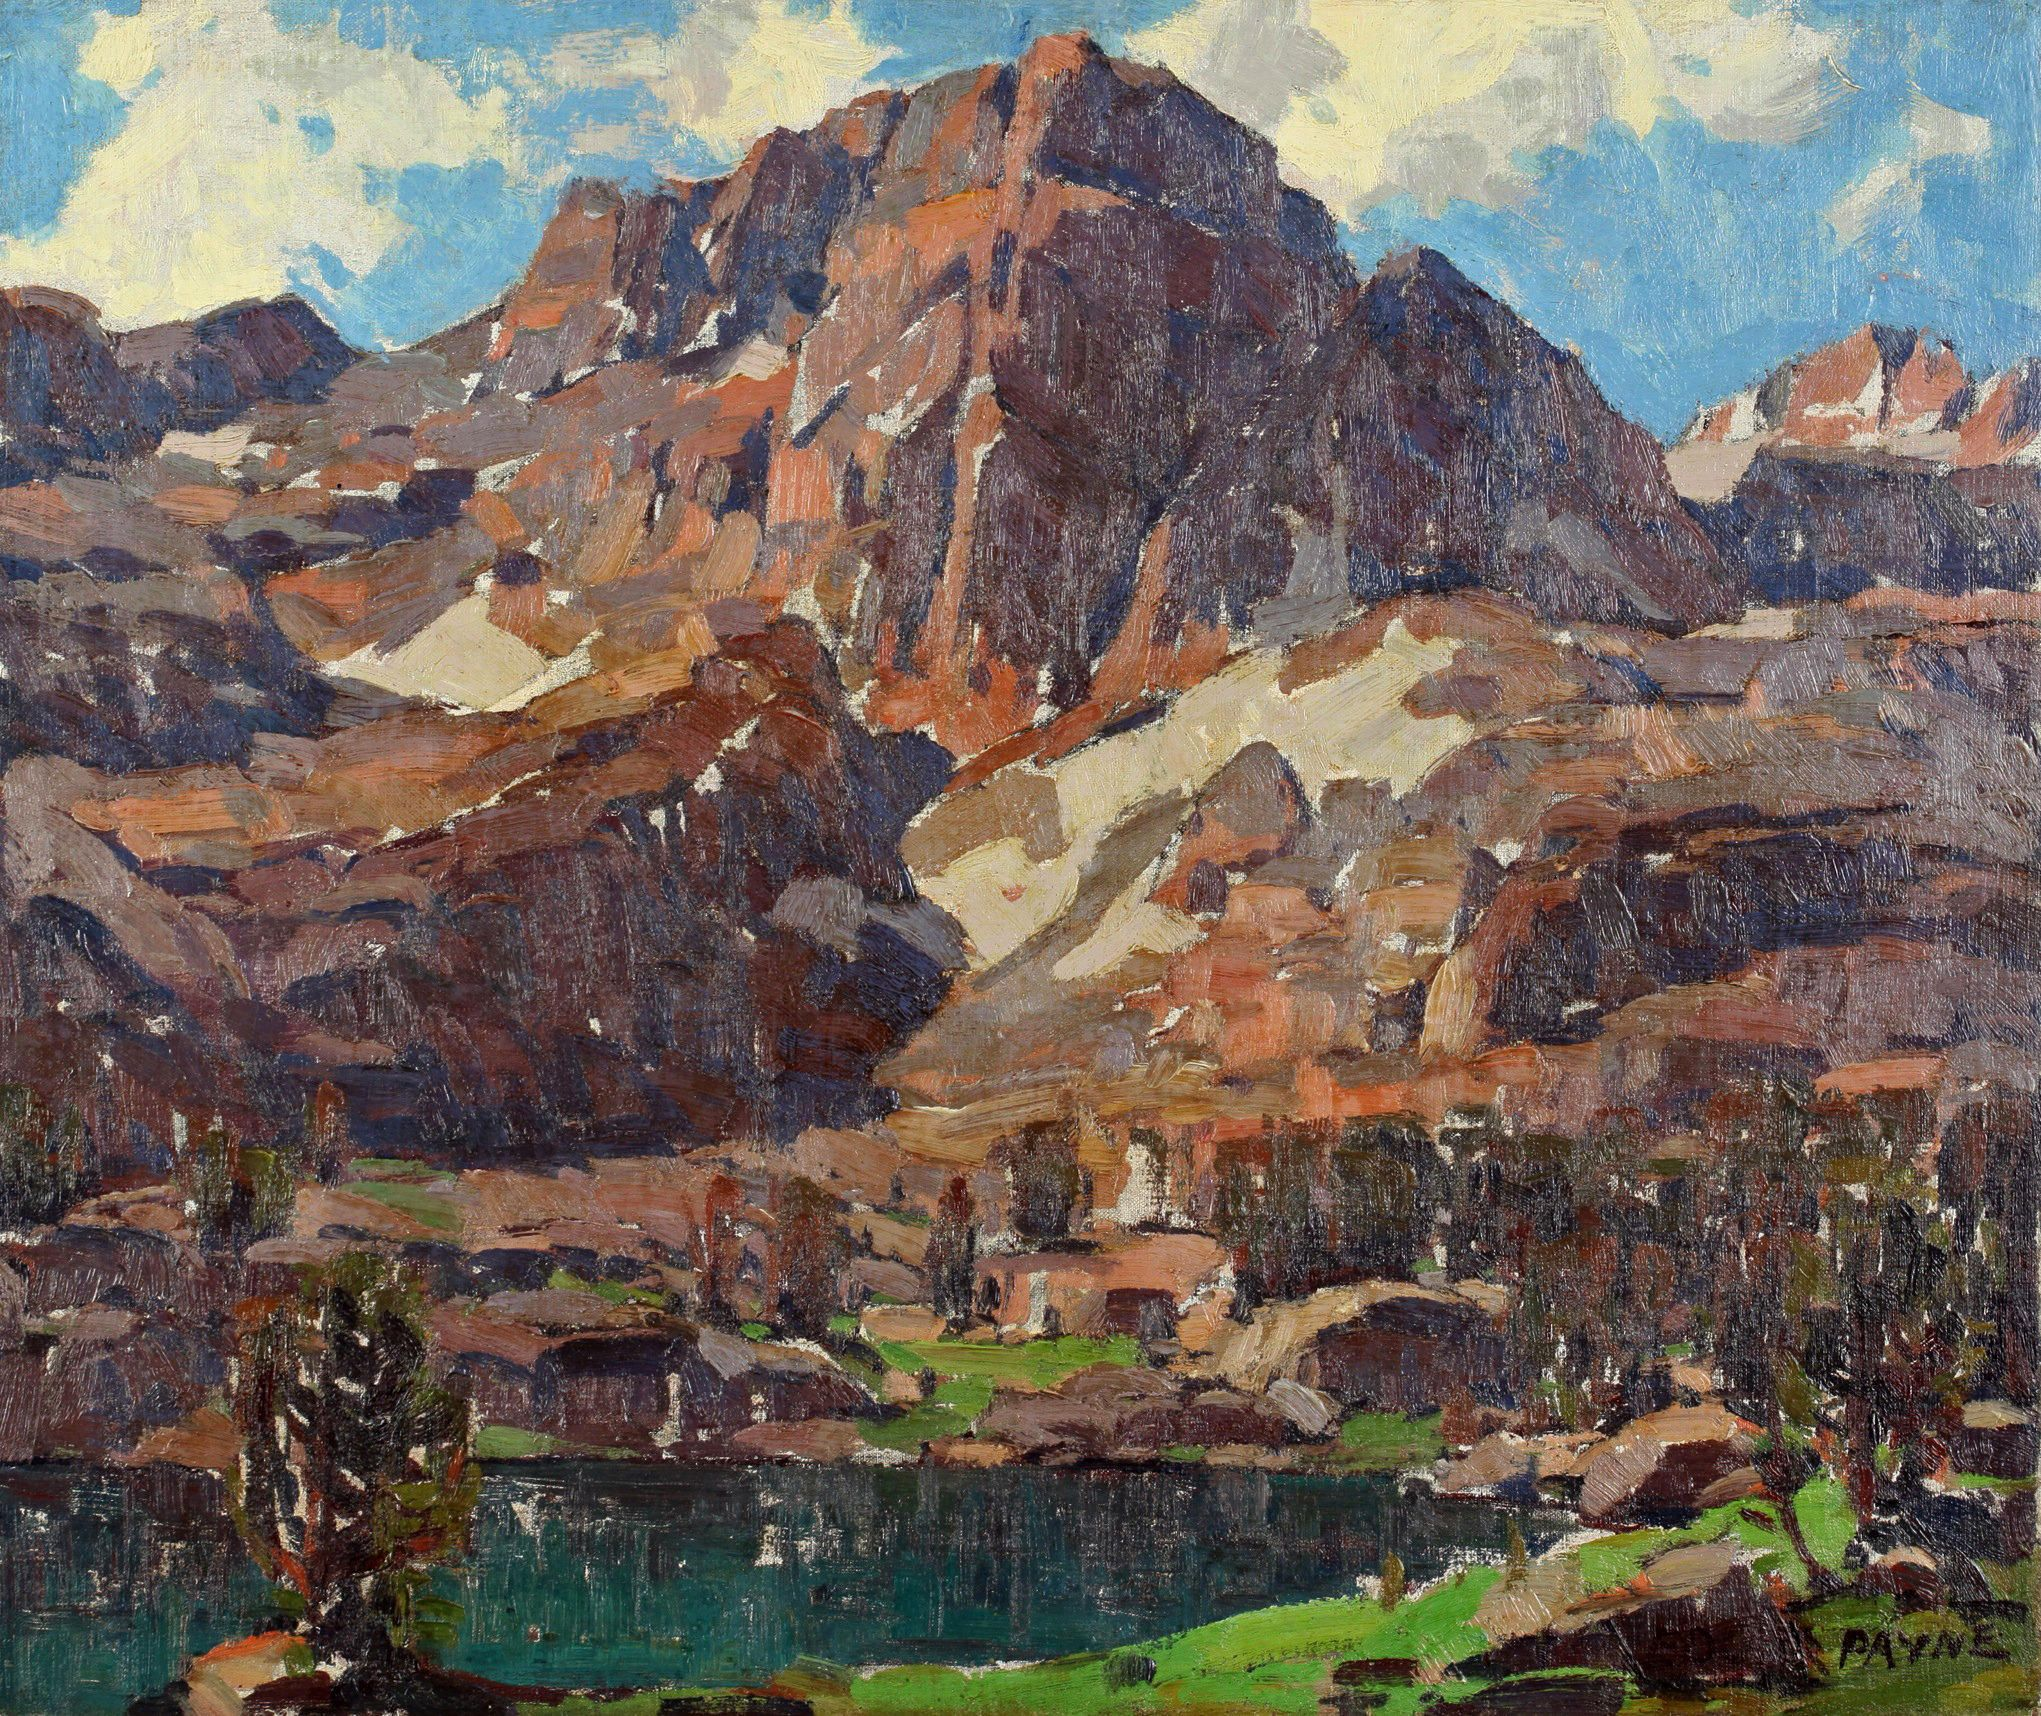 Edgar Payne Sierra Splendor Landscape Painting Artwork